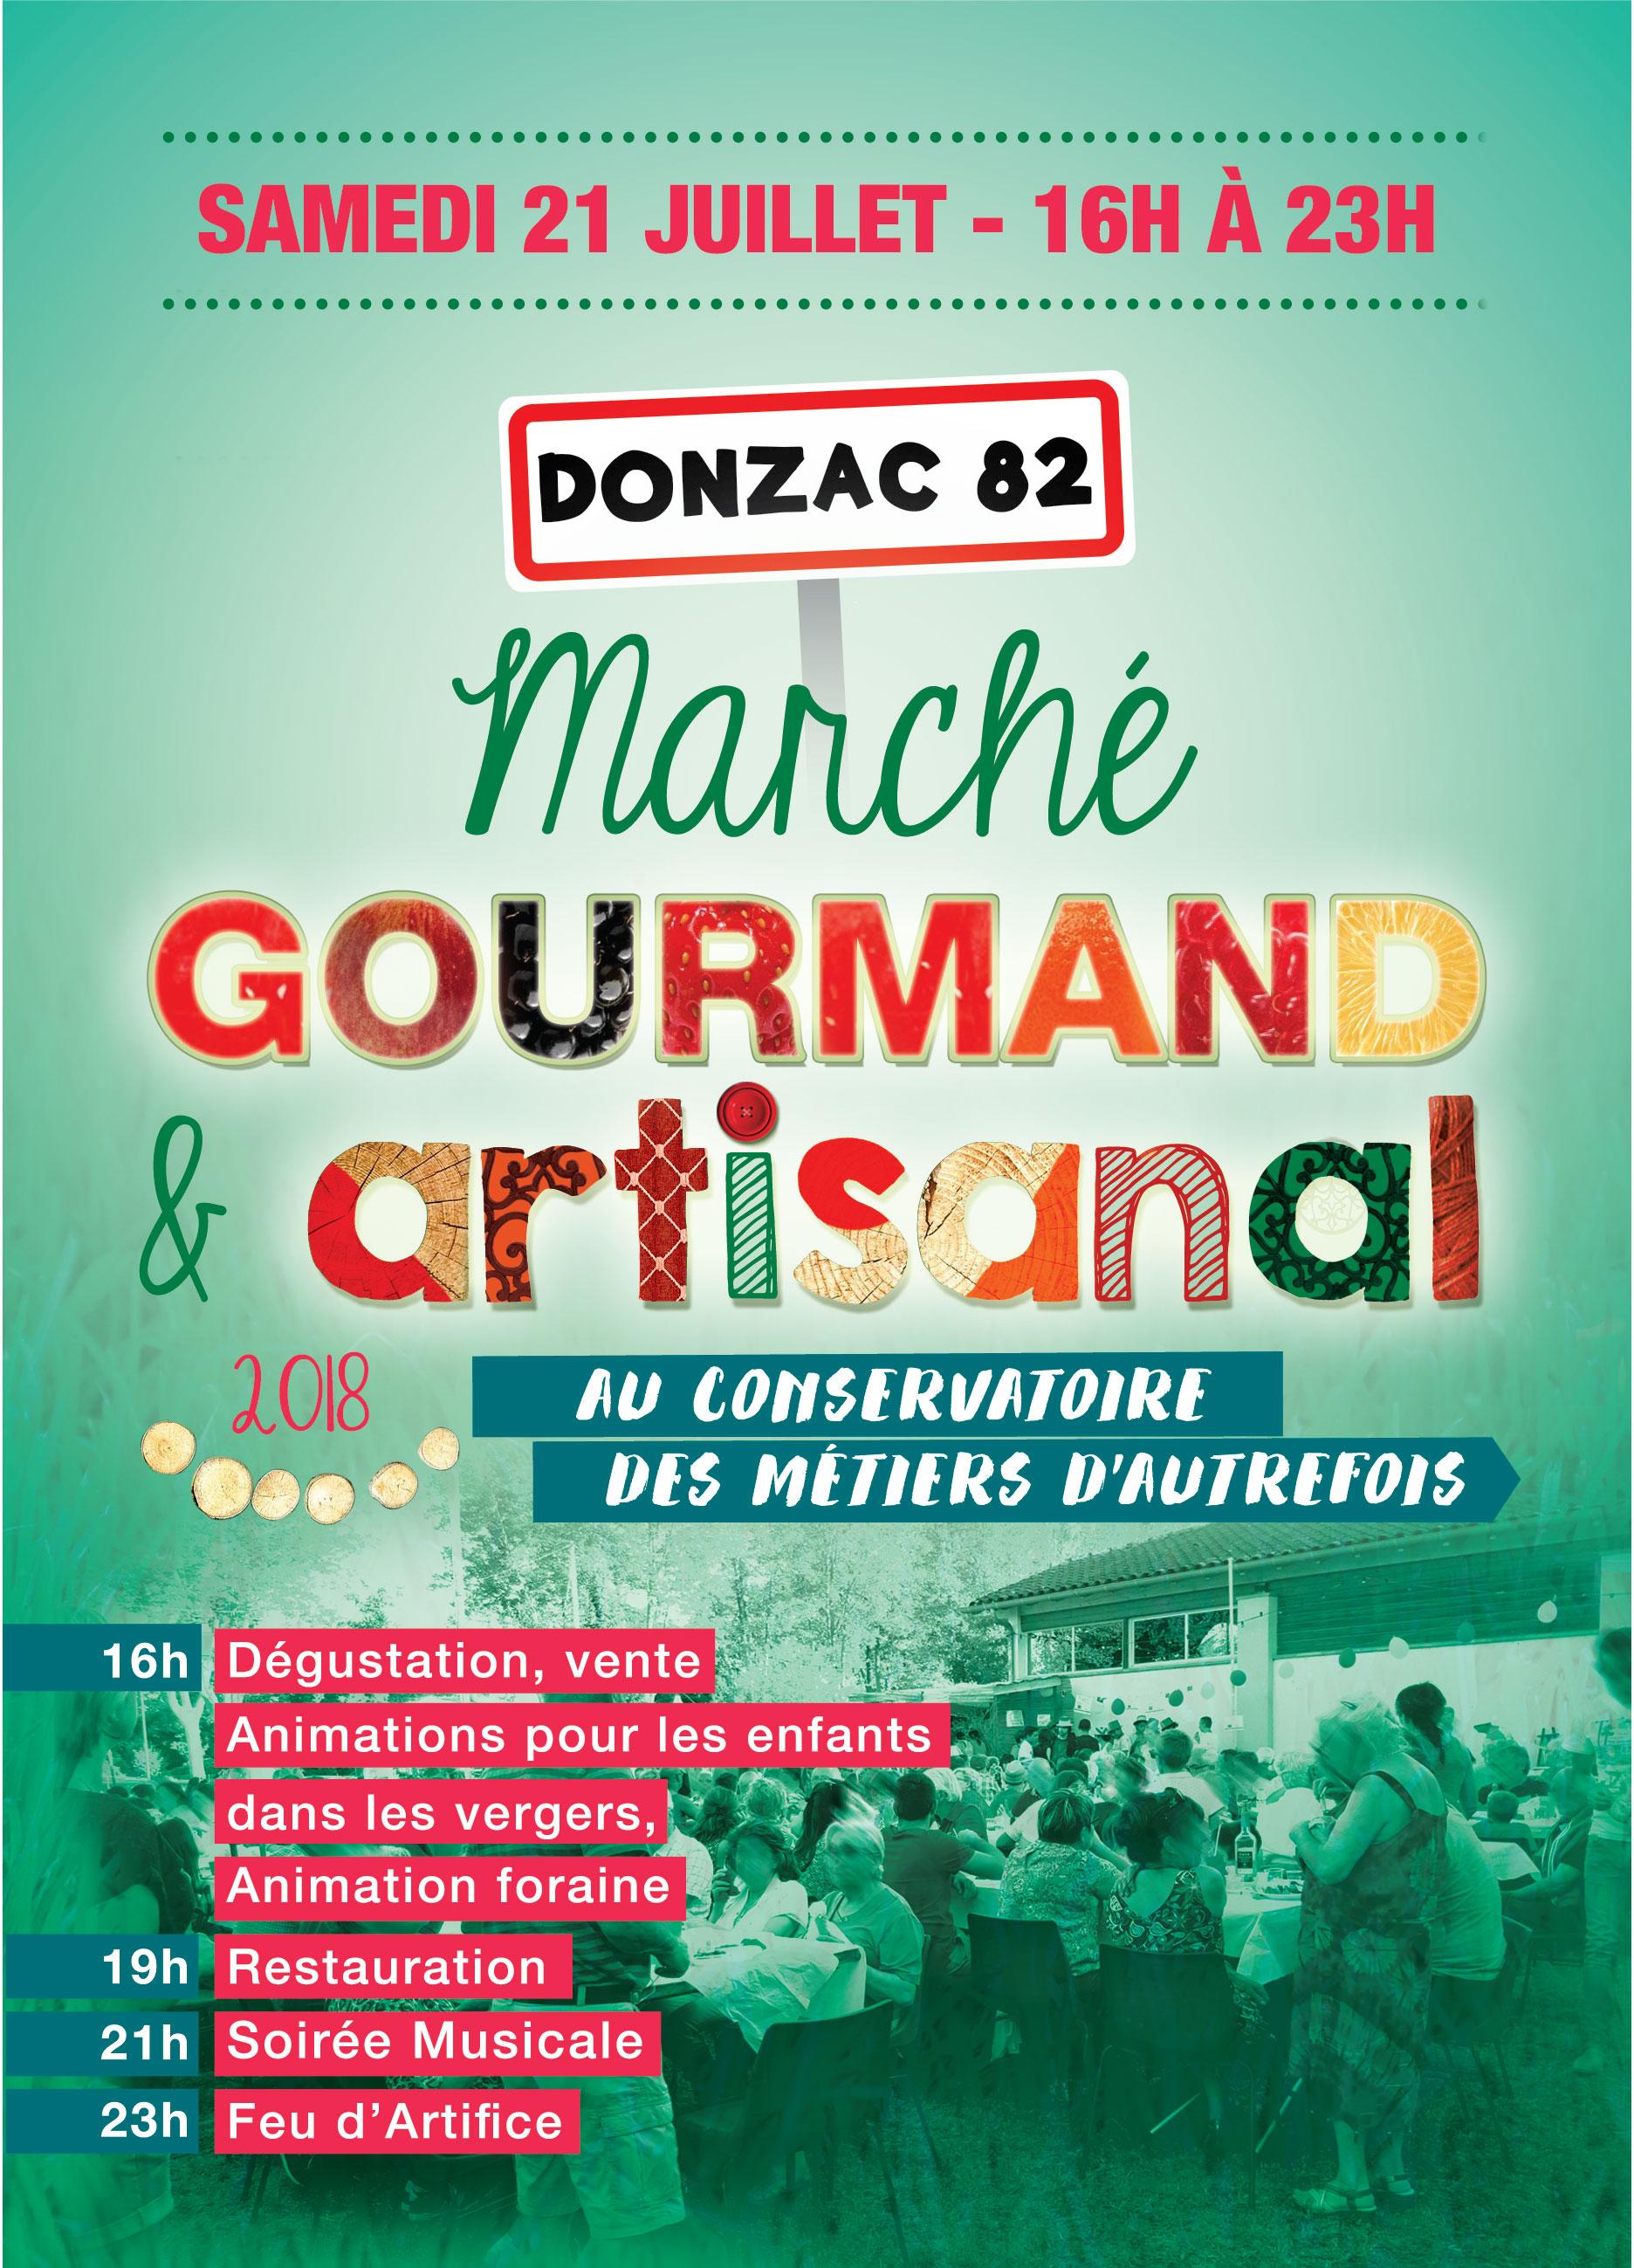 Etude De Marche Artisan Electricien marchÉ gourmand et artisanal - mairie de donzac